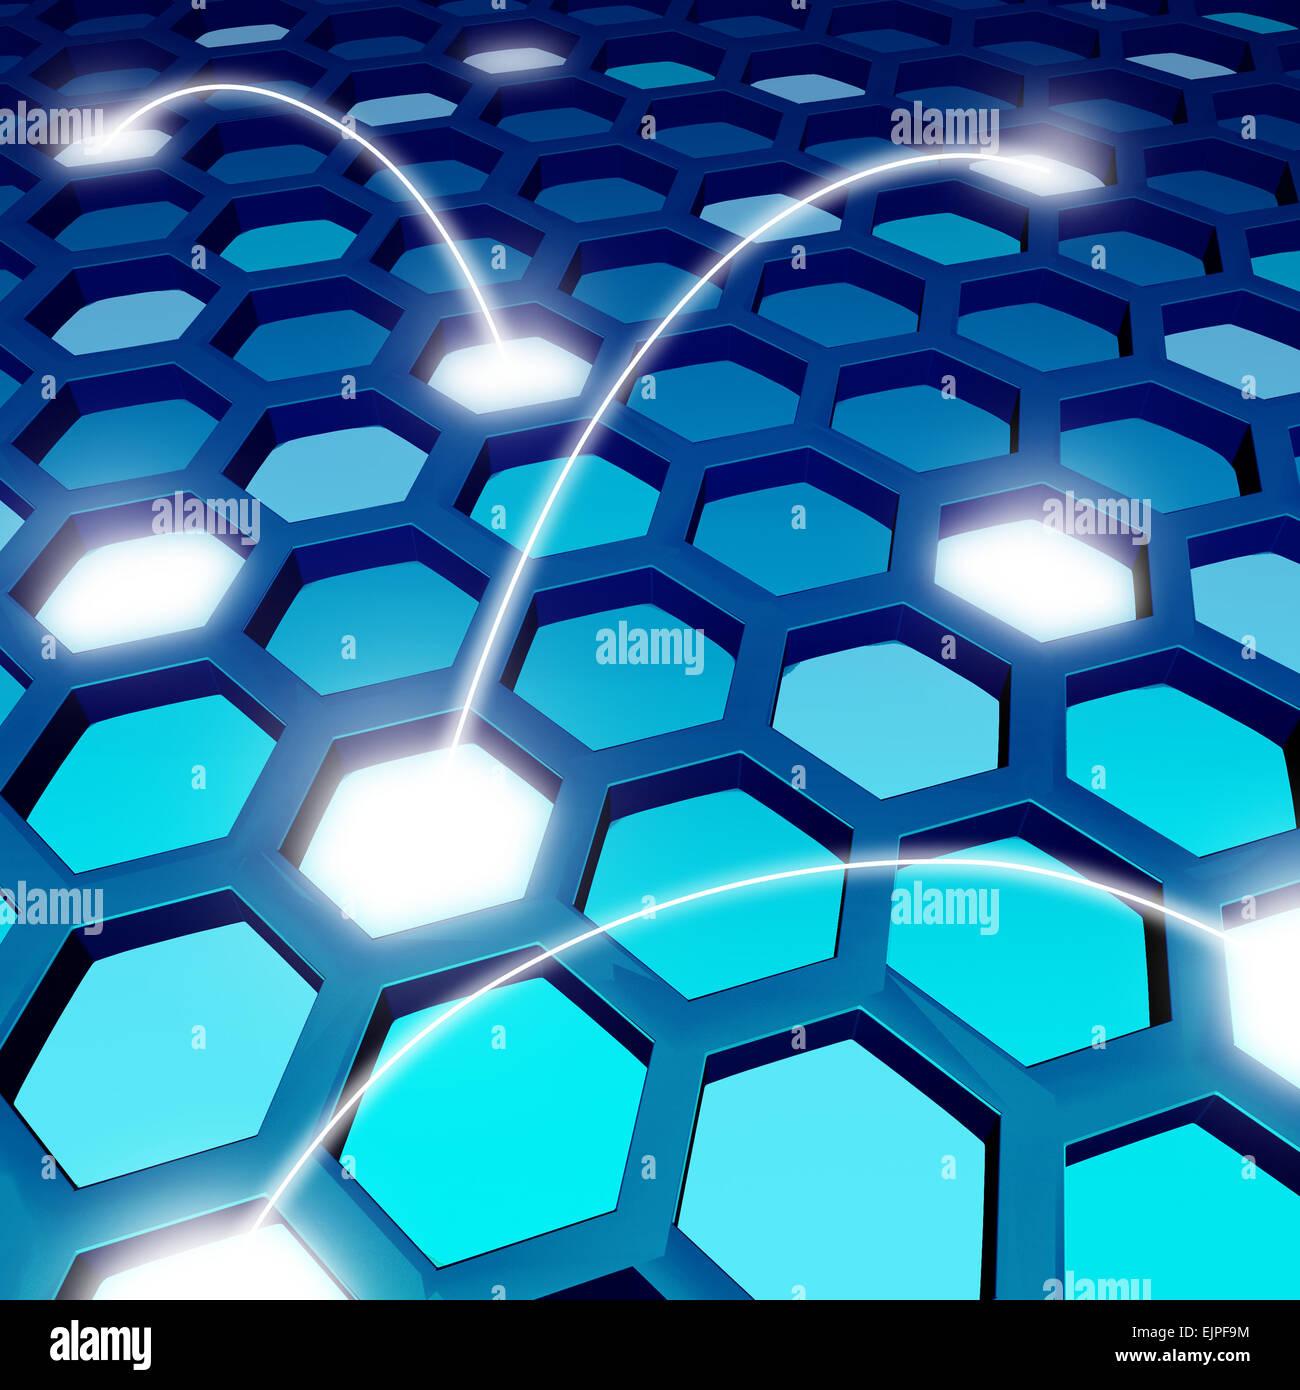 Red de comunicación global o telón azul de fondo de tecnología como un símbolo de redes sociales Imagen De Stock